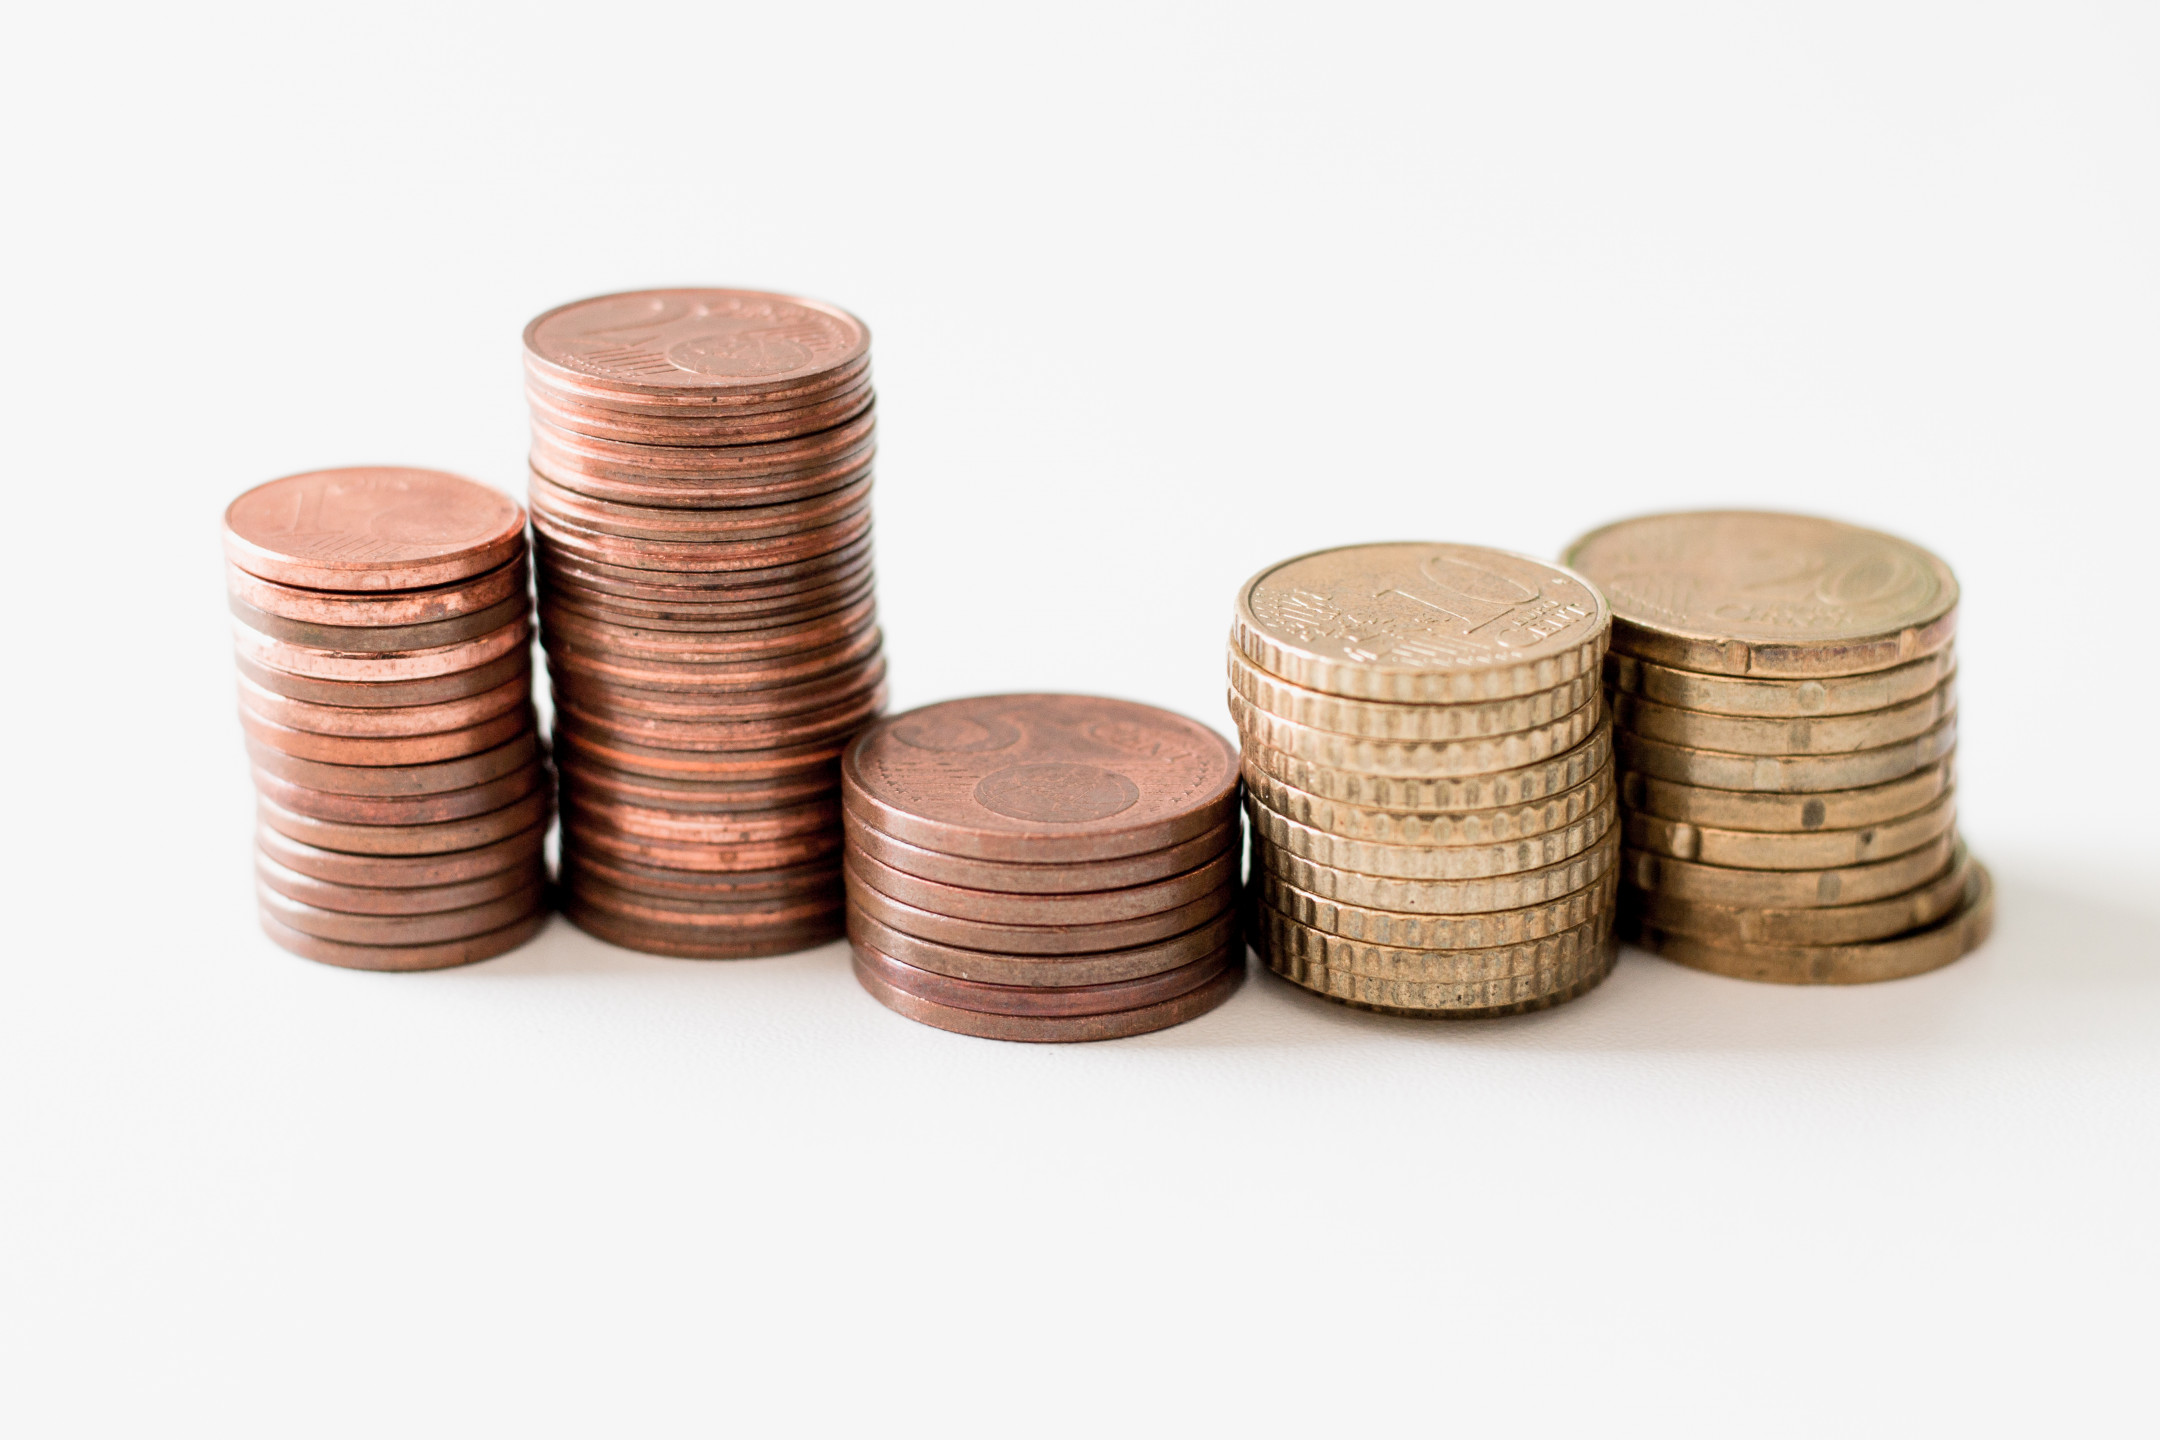 UK FSCS compensations reach £20 billion since 2008